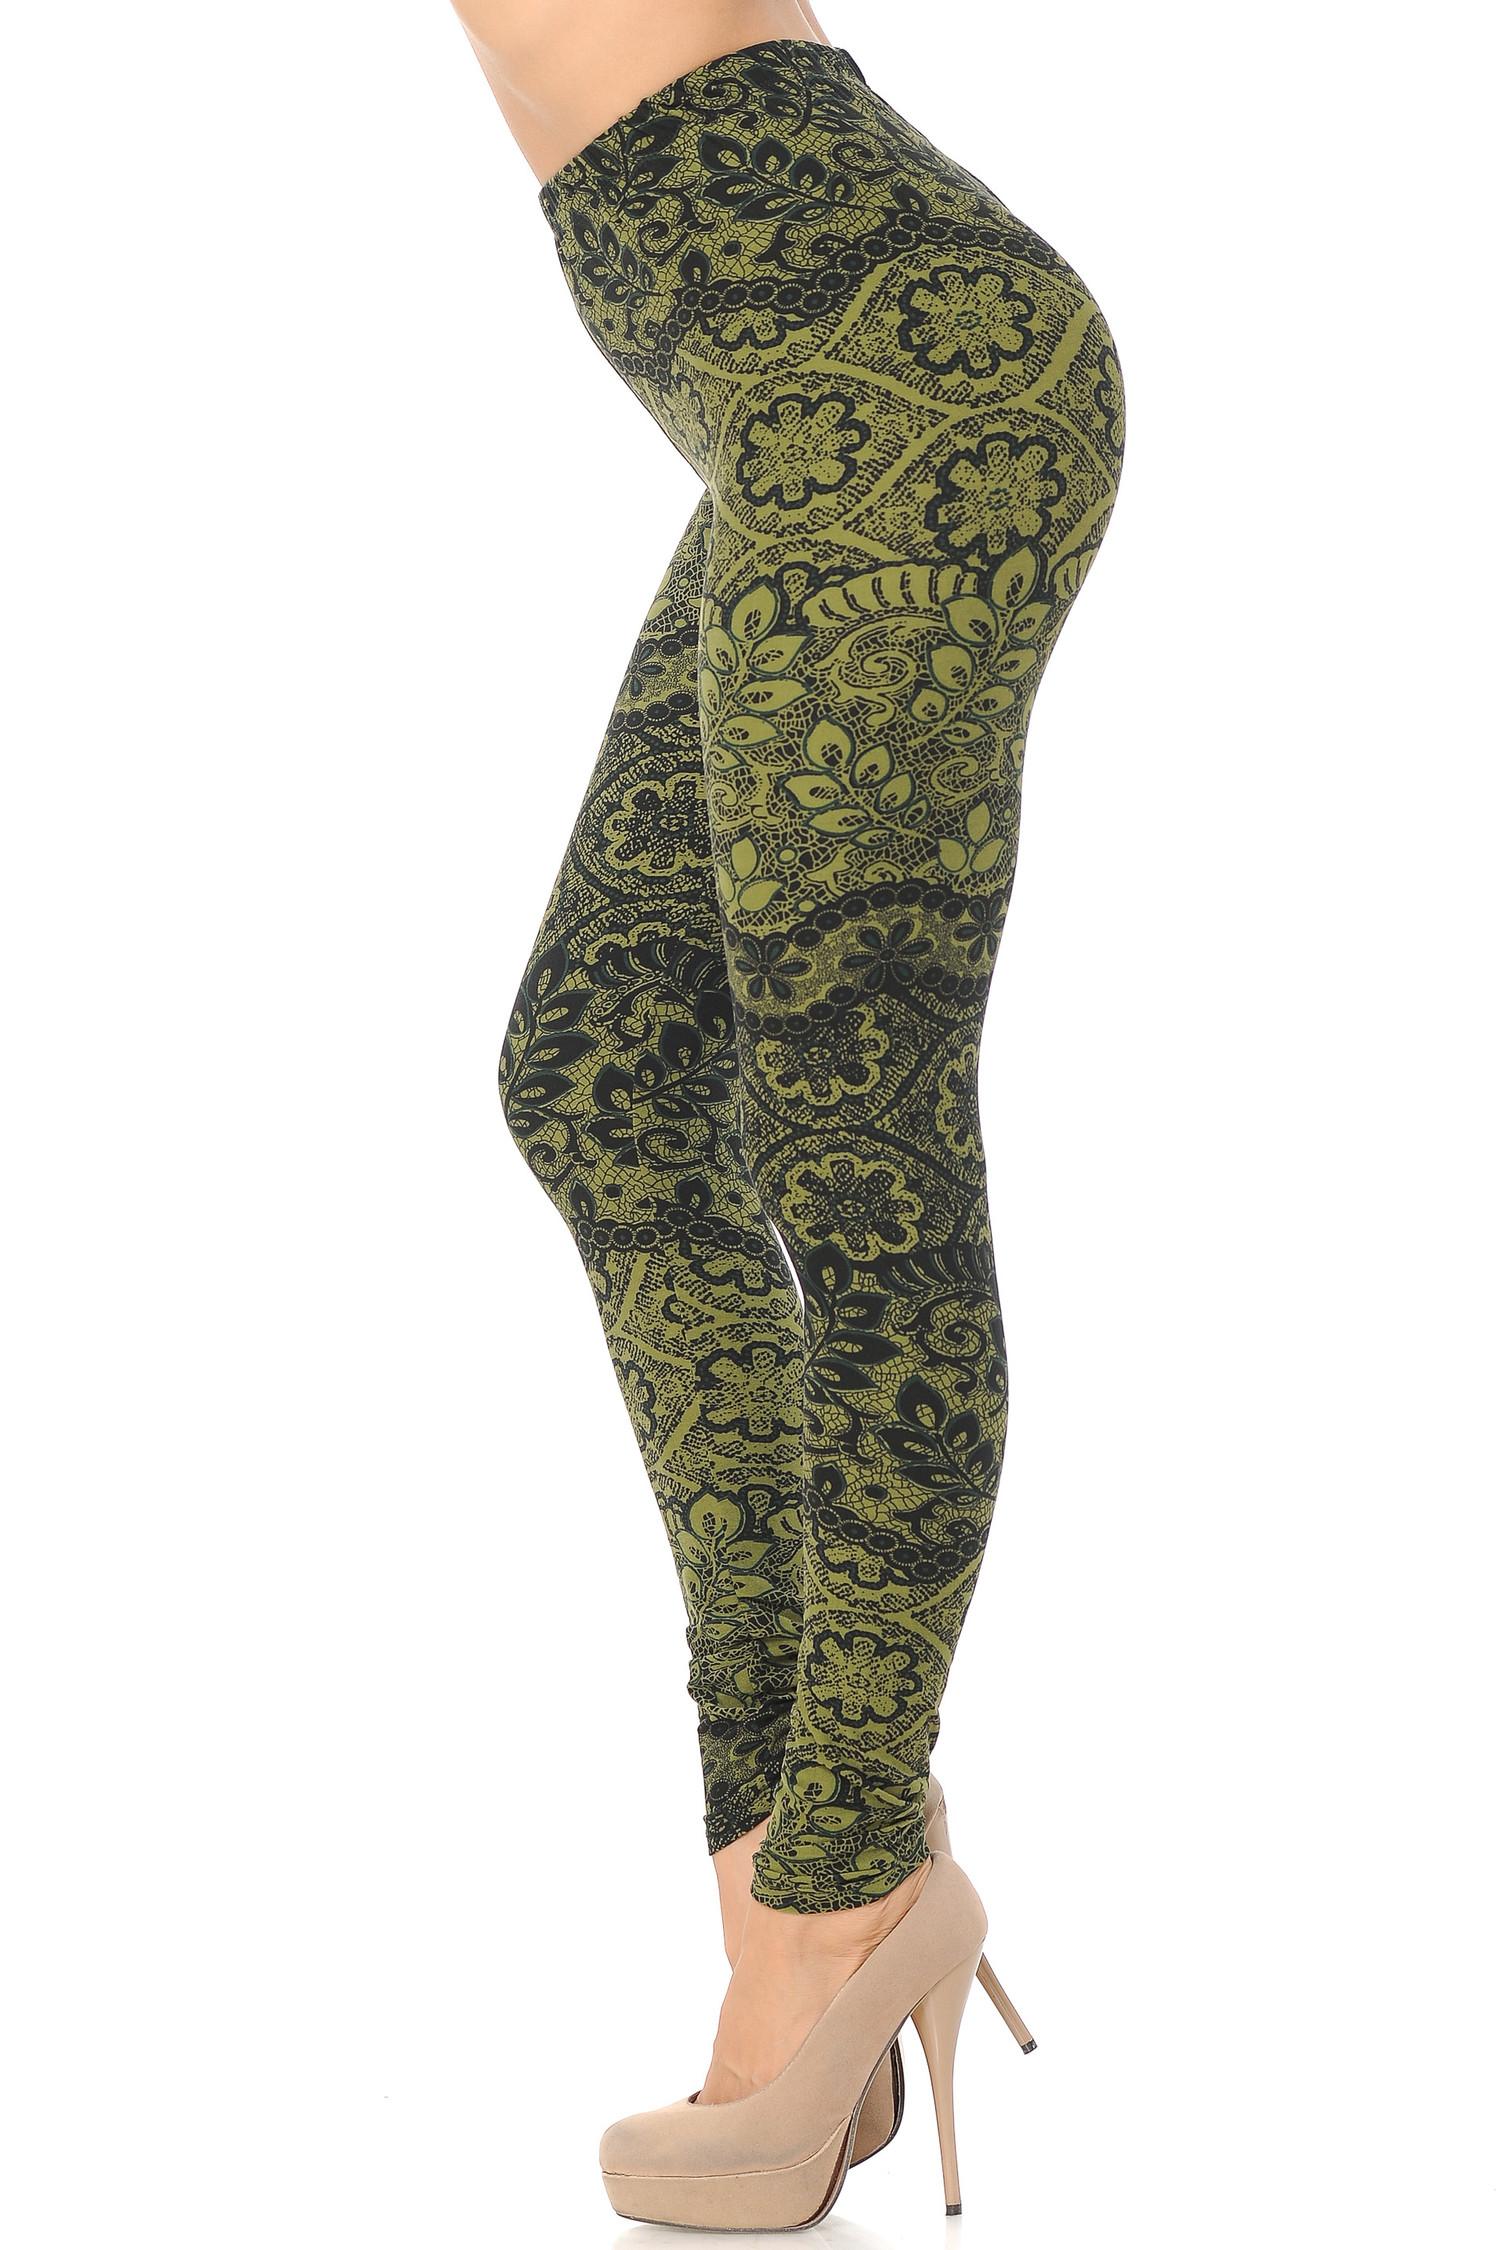 Brushed Olive Holiday Leaf Extra Plus Size Leggings - 3X-5X